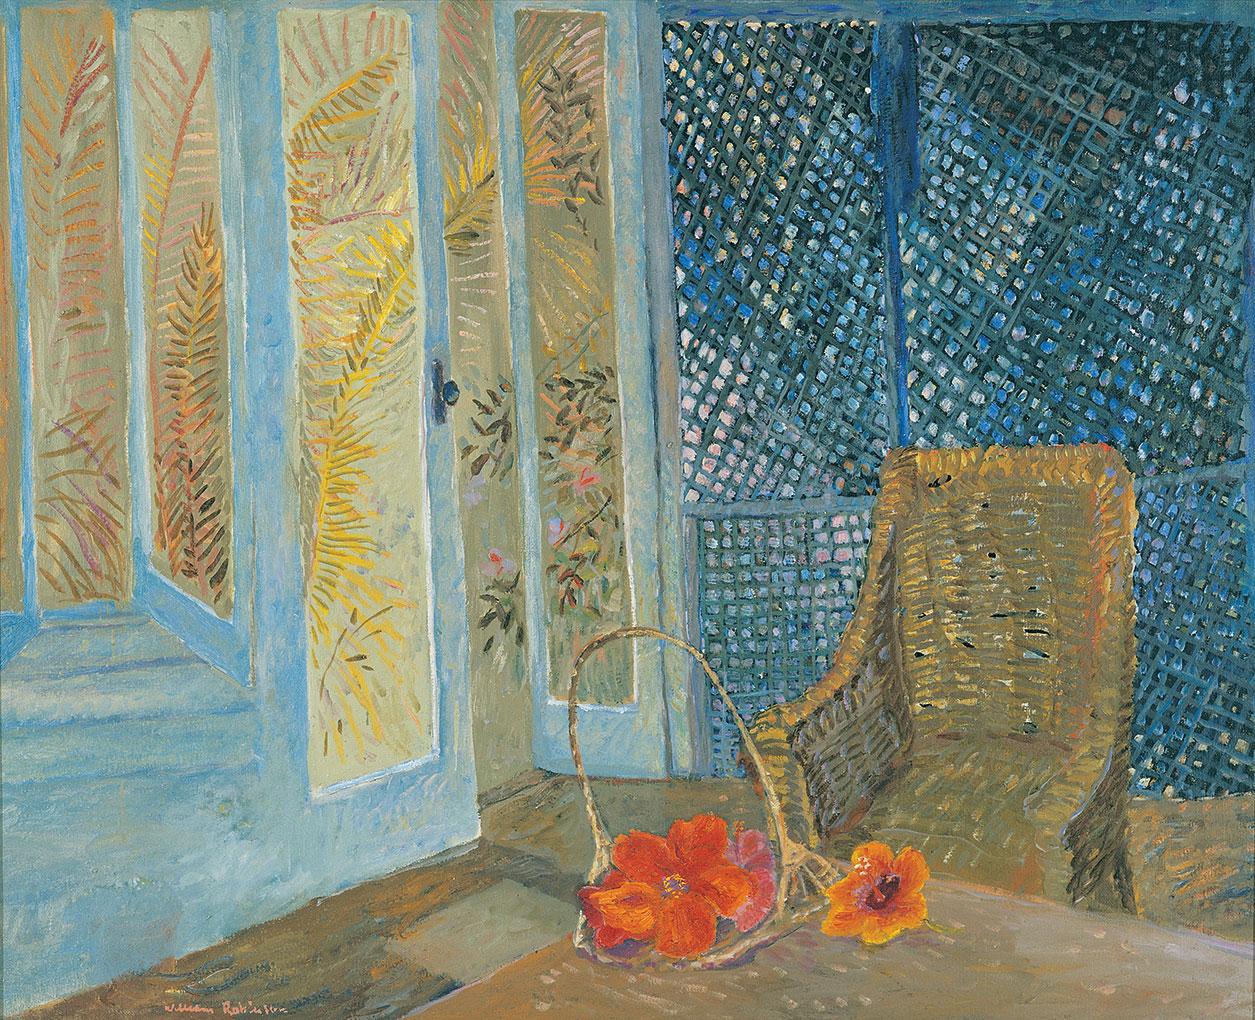 William ROBINSON 'The lattice verandah' 1971-72